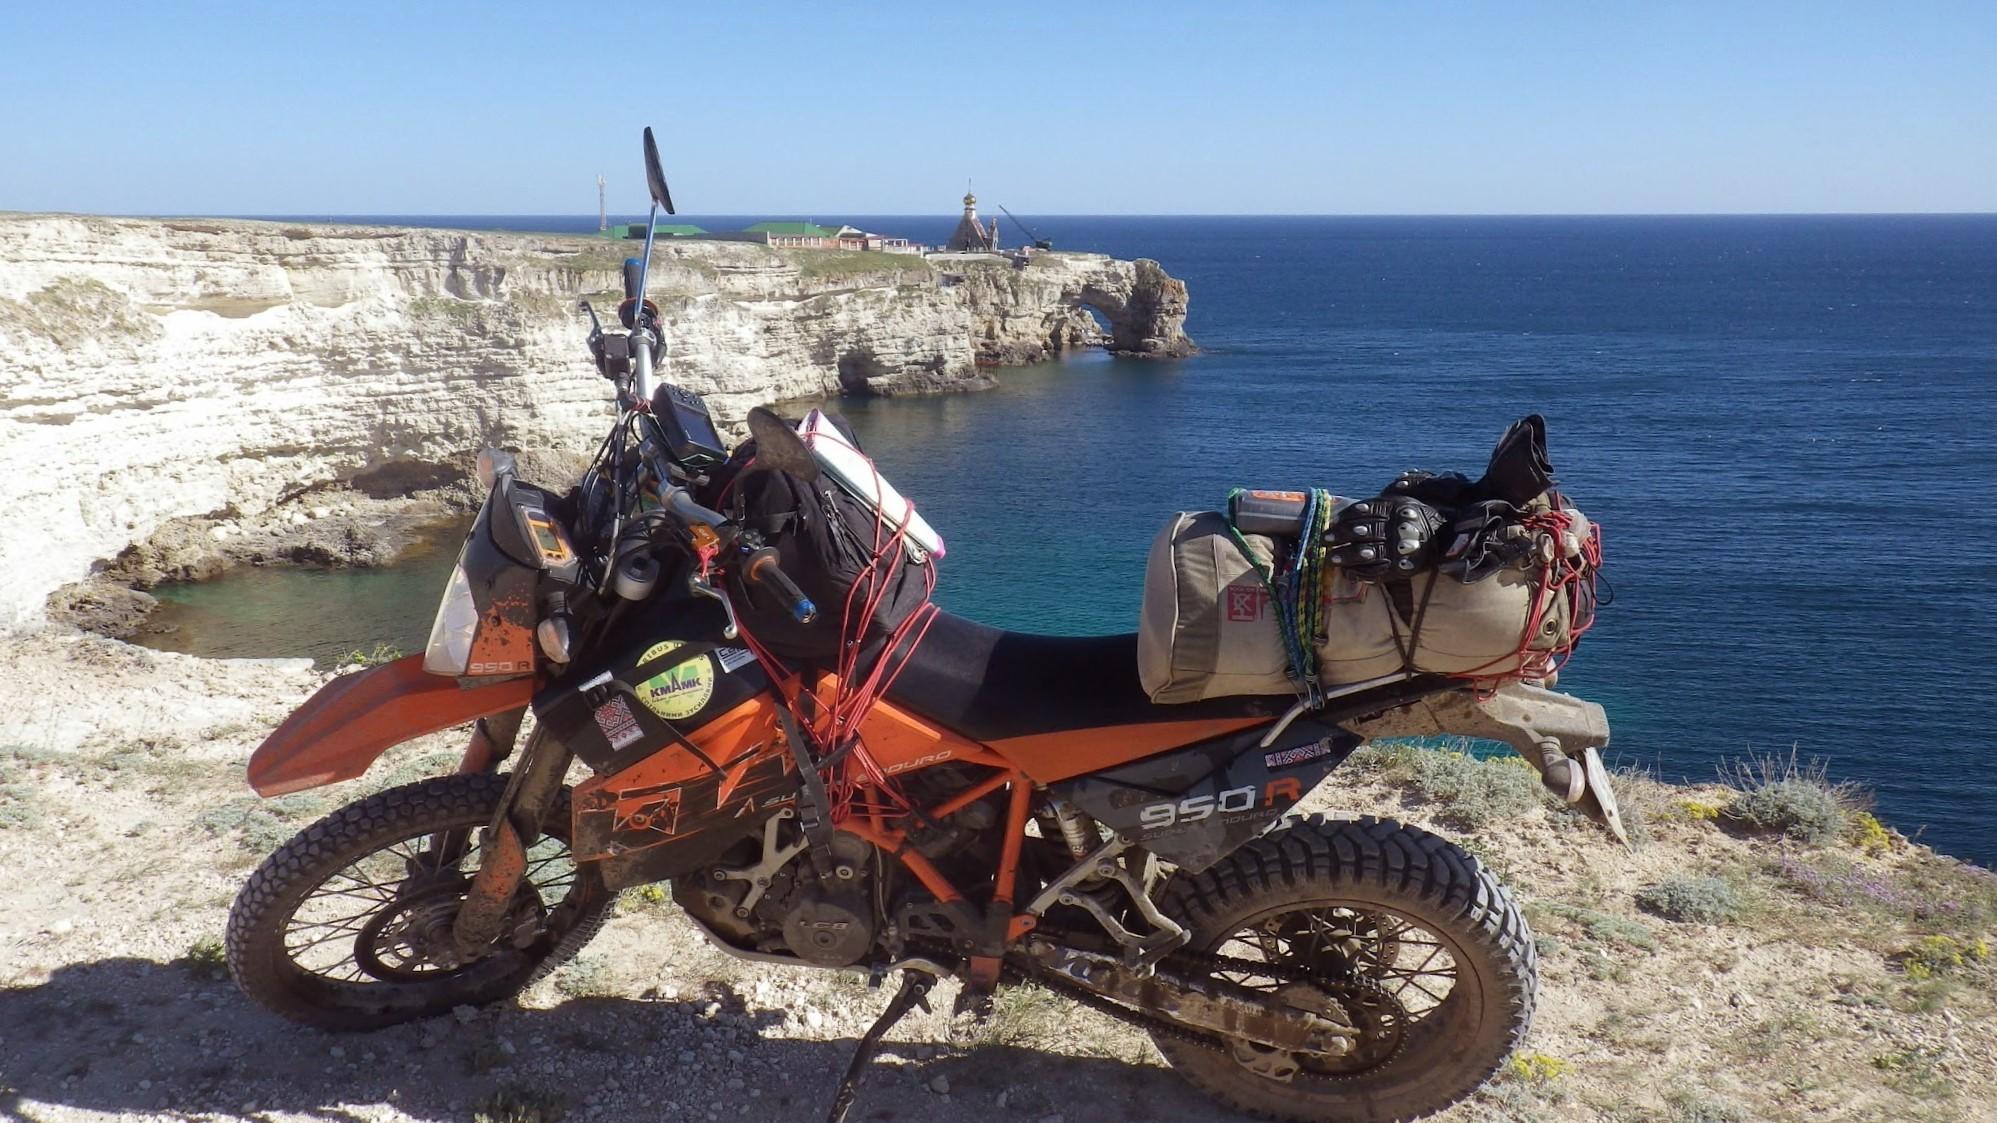 Рекорд України «7923 км на мотоциклі за 13 днів вздовж кордонів України»